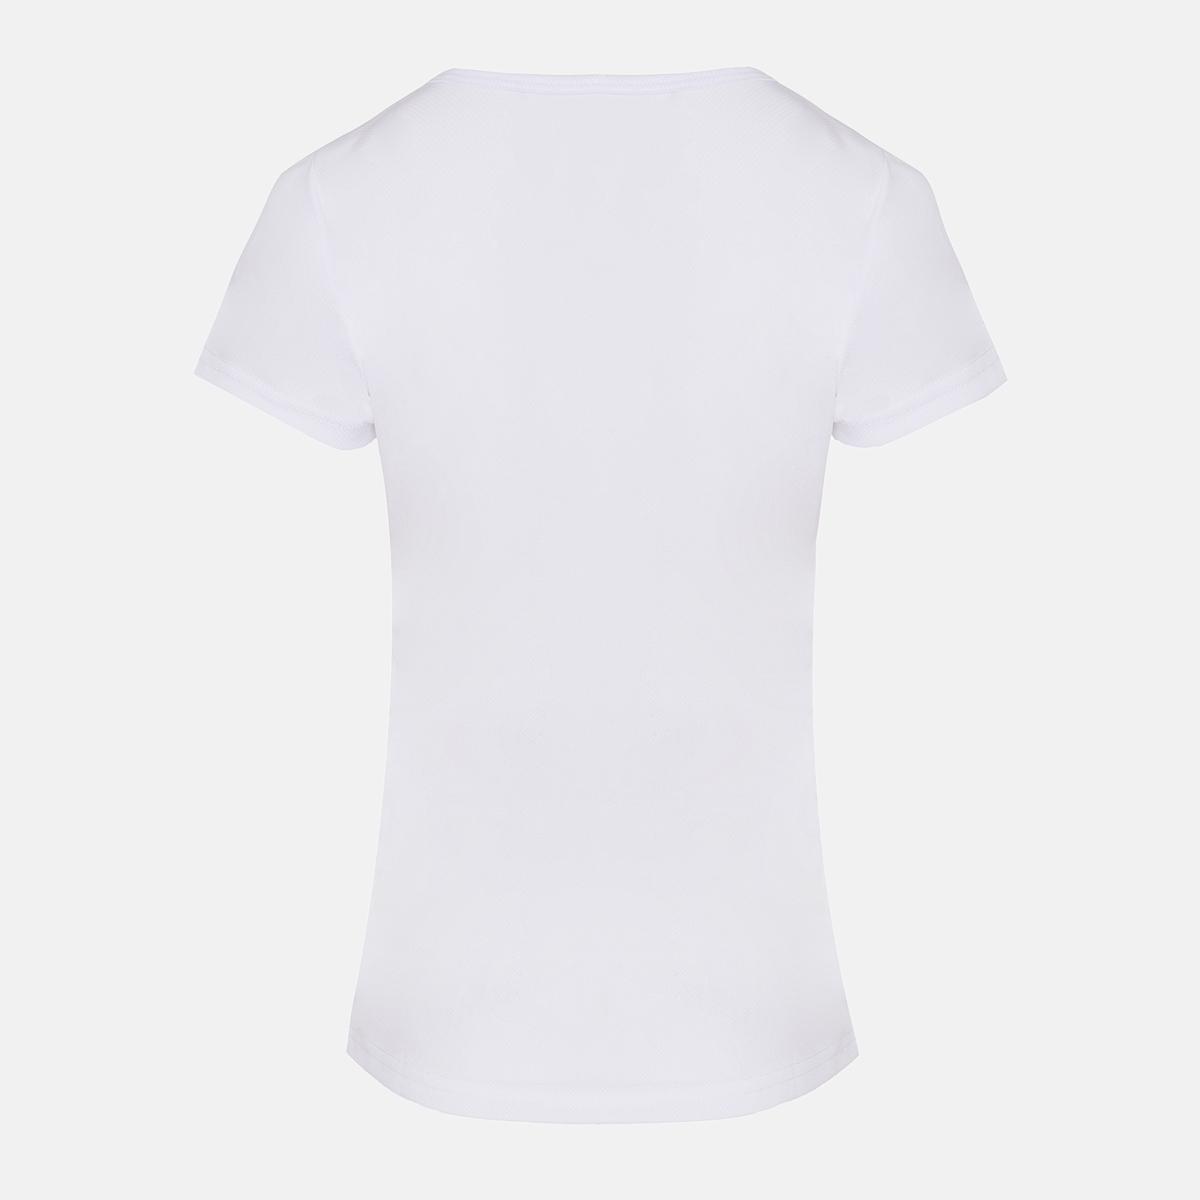 WOMAN'S ADAIA II T-SHIRT WHITE